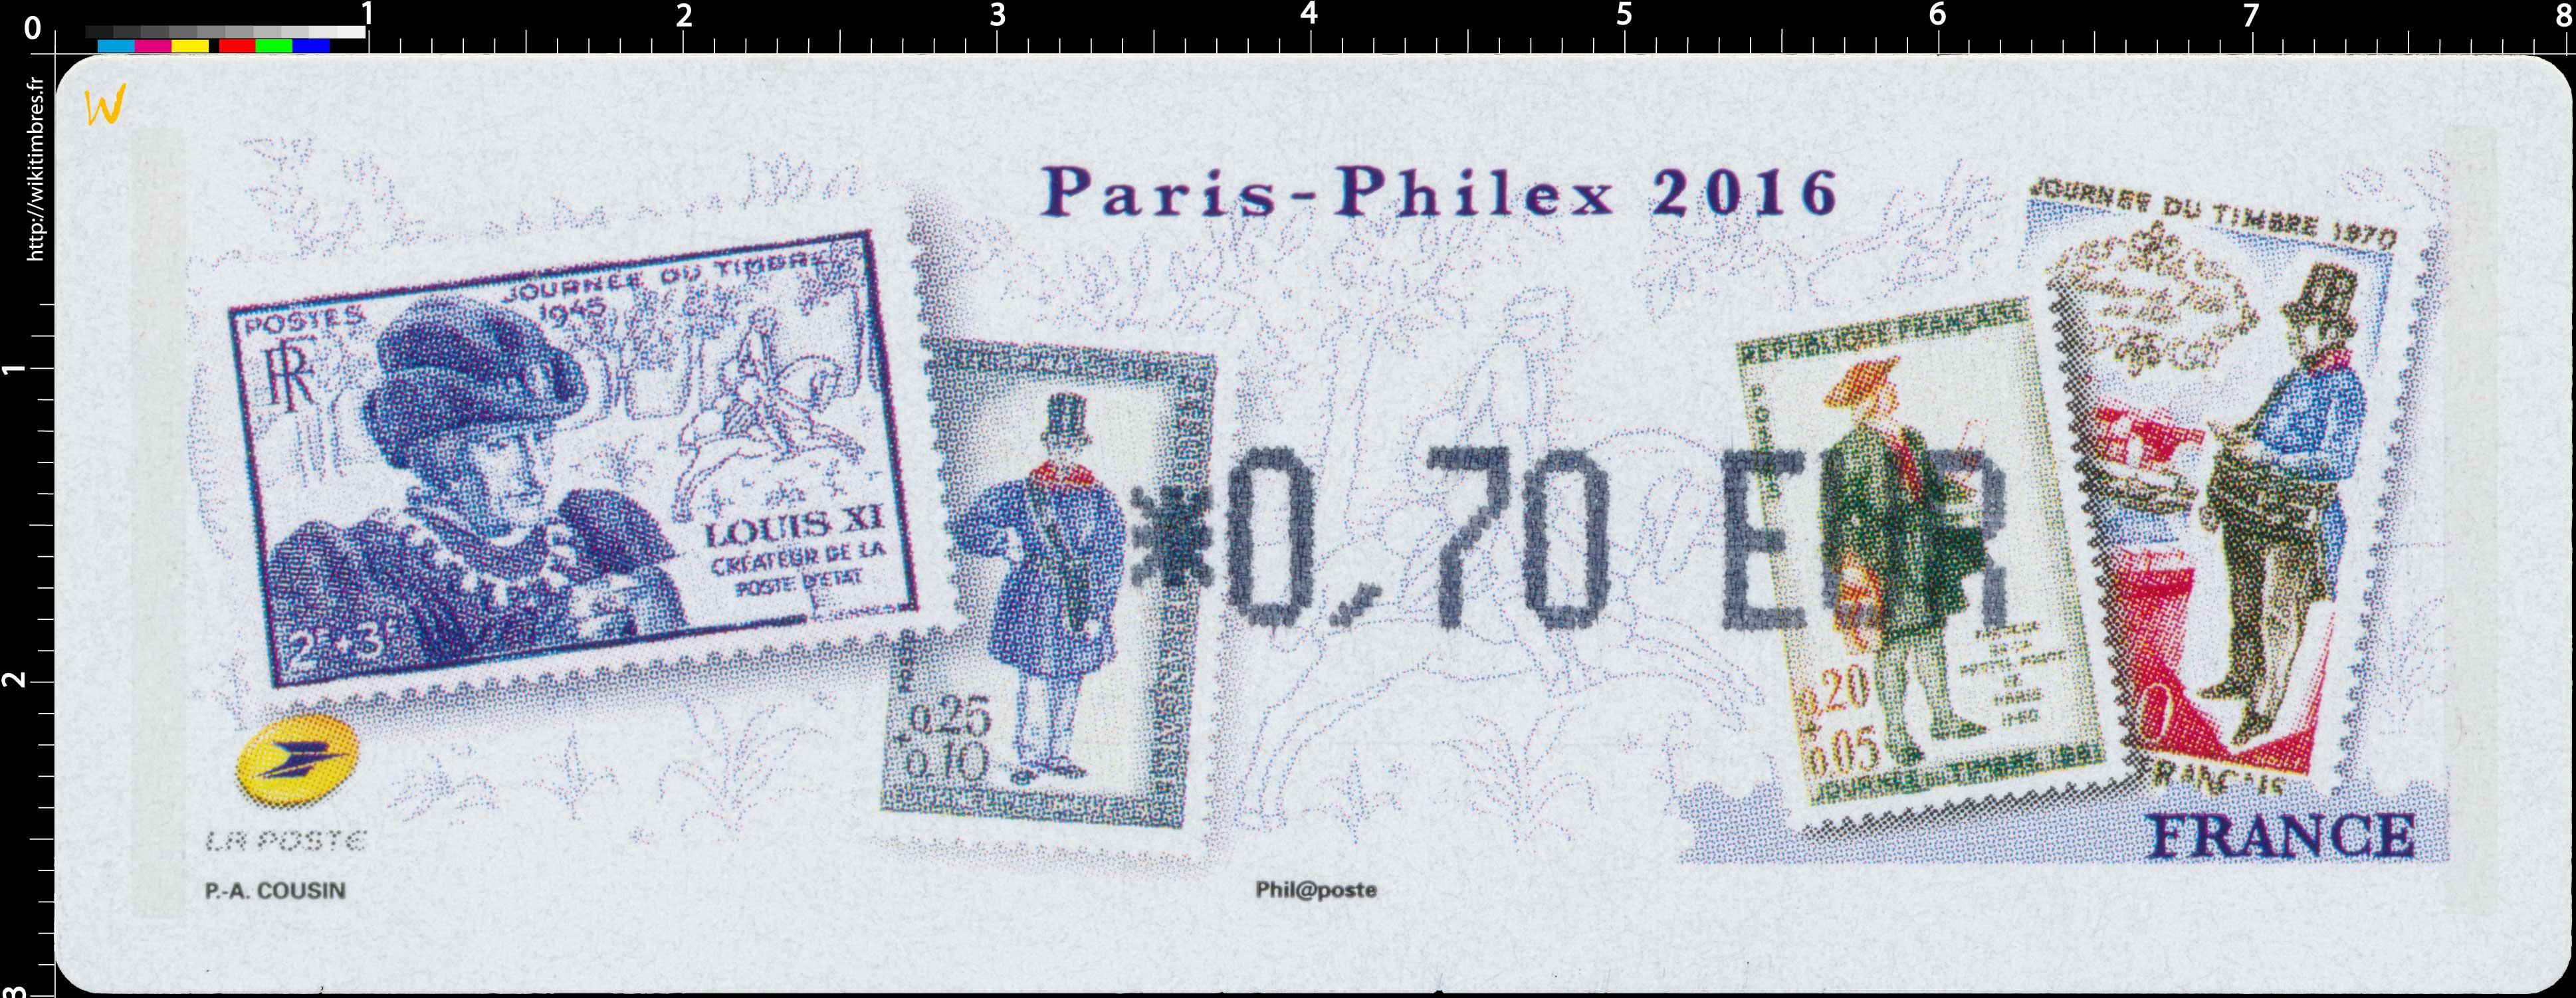 2016 Paris – Philex